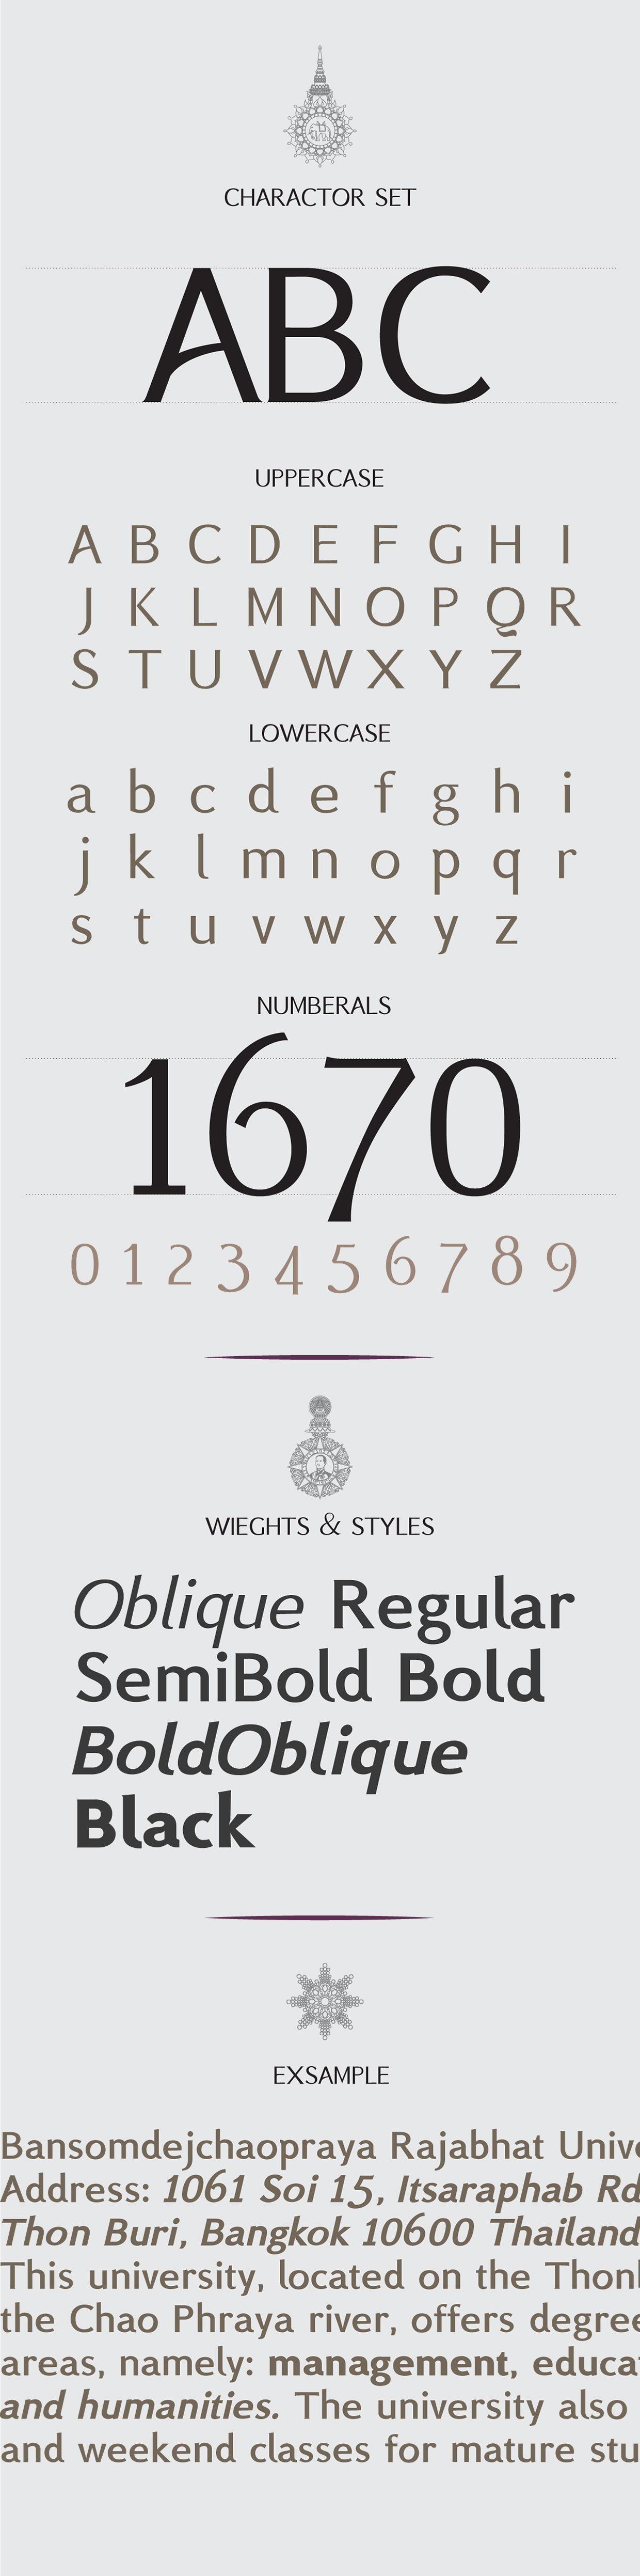 BSRU BANSOMDEJ Oblique font